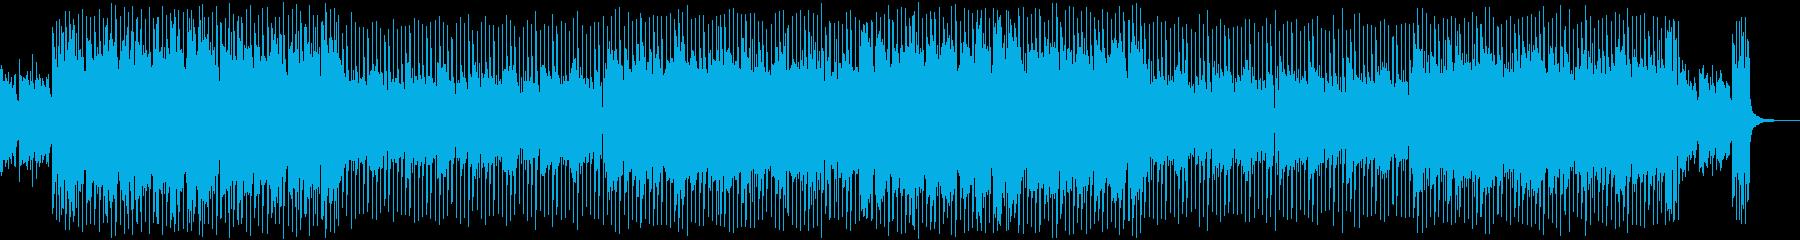 アコギ ・かっこいい・クール・ゲームの再生済みの波形